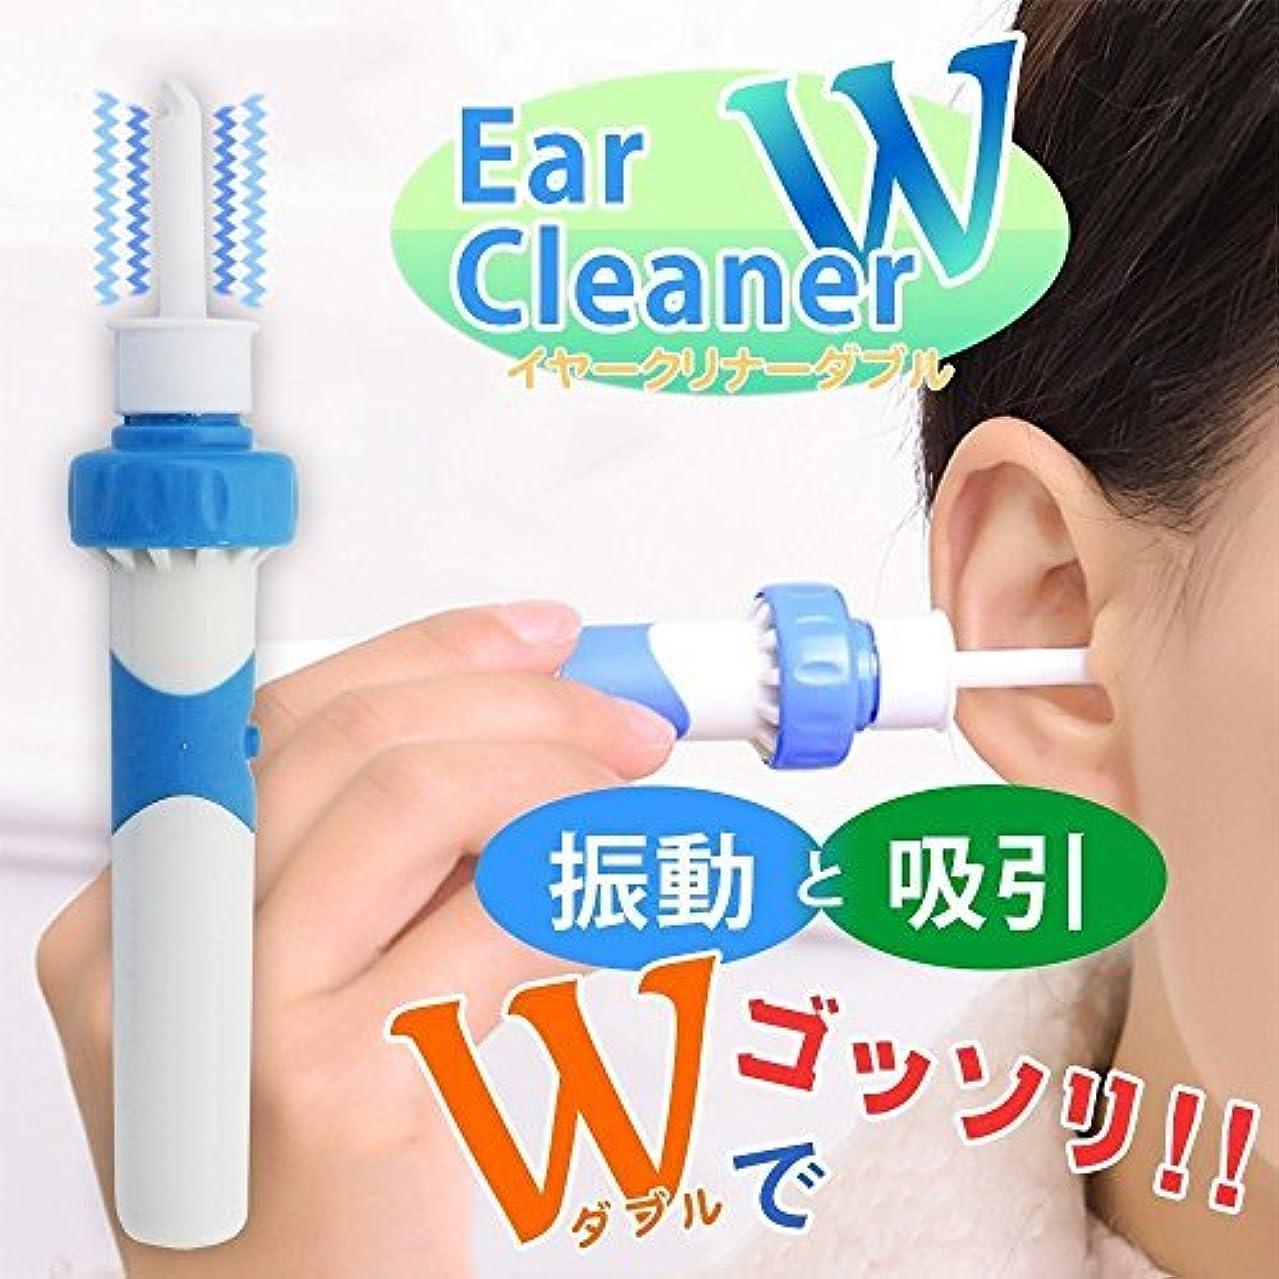 認証振り子豪華なCHUI FEN 耳掃除機 電動耳掃除 耳クリーナー 耳掃除 みみそうじ 耳垢 吸引 耳あか吸引